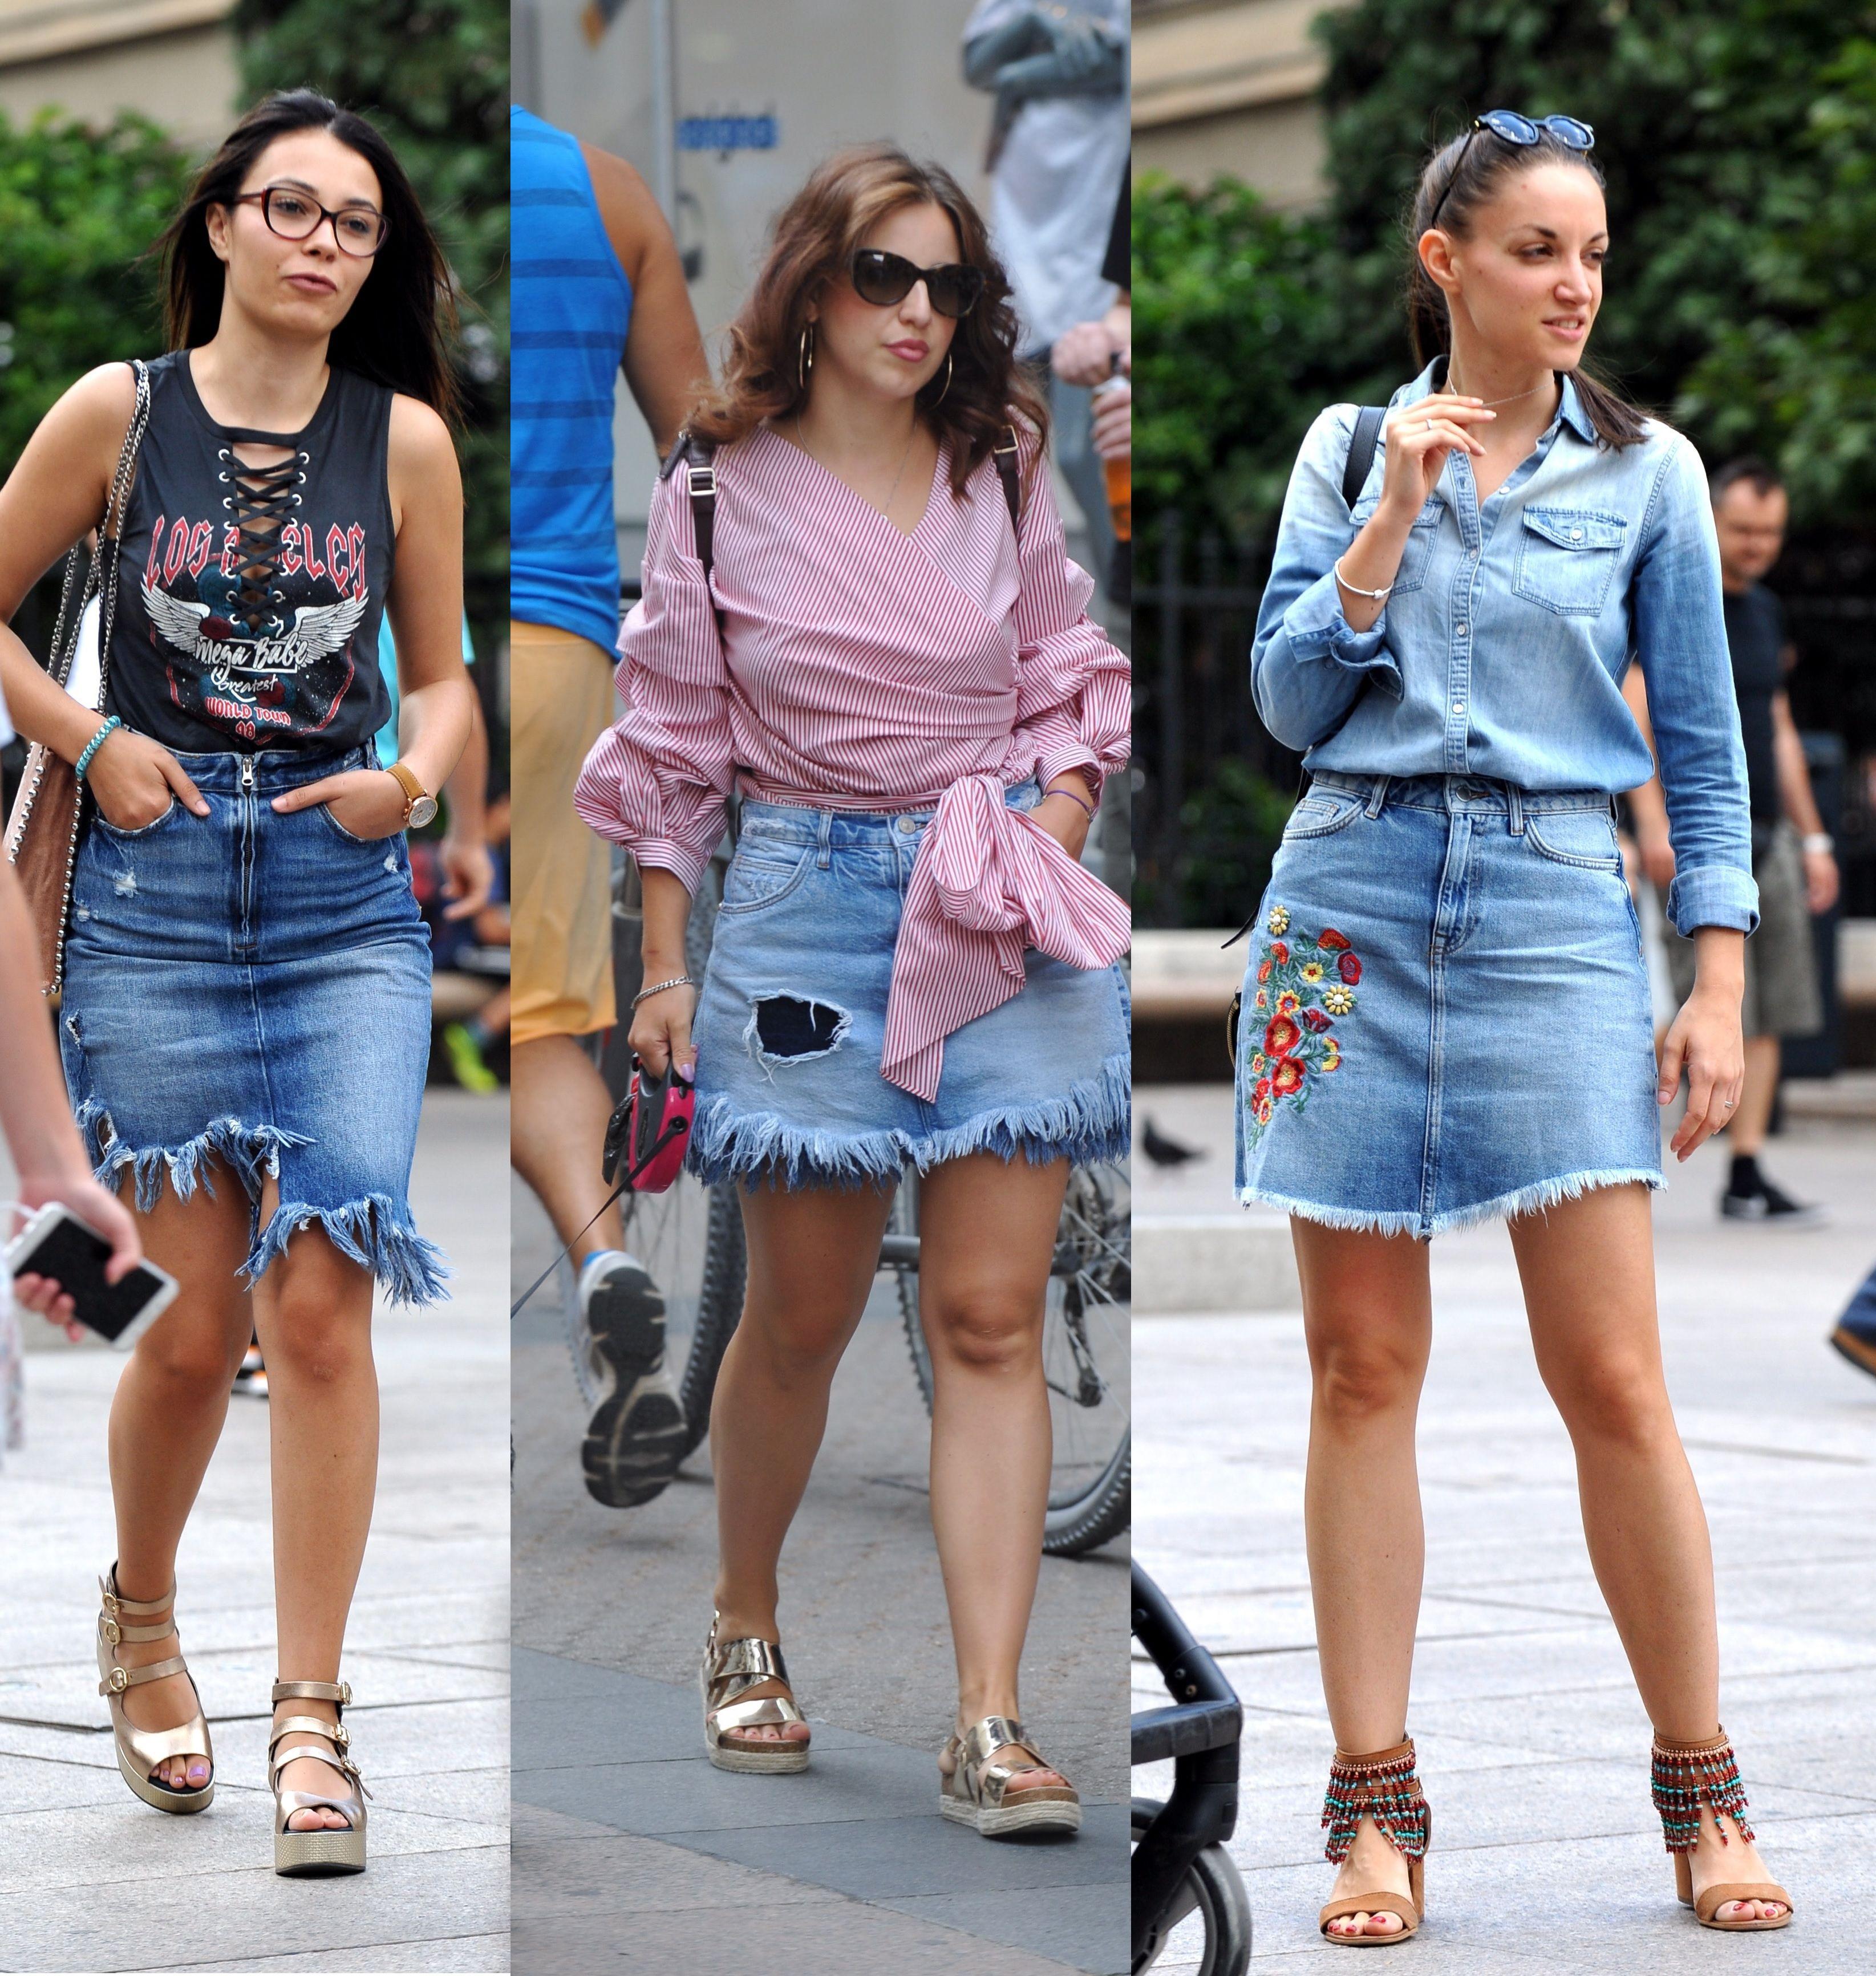 Jedan trend, tri zgodne dame: koja ga je bolje isfurala?